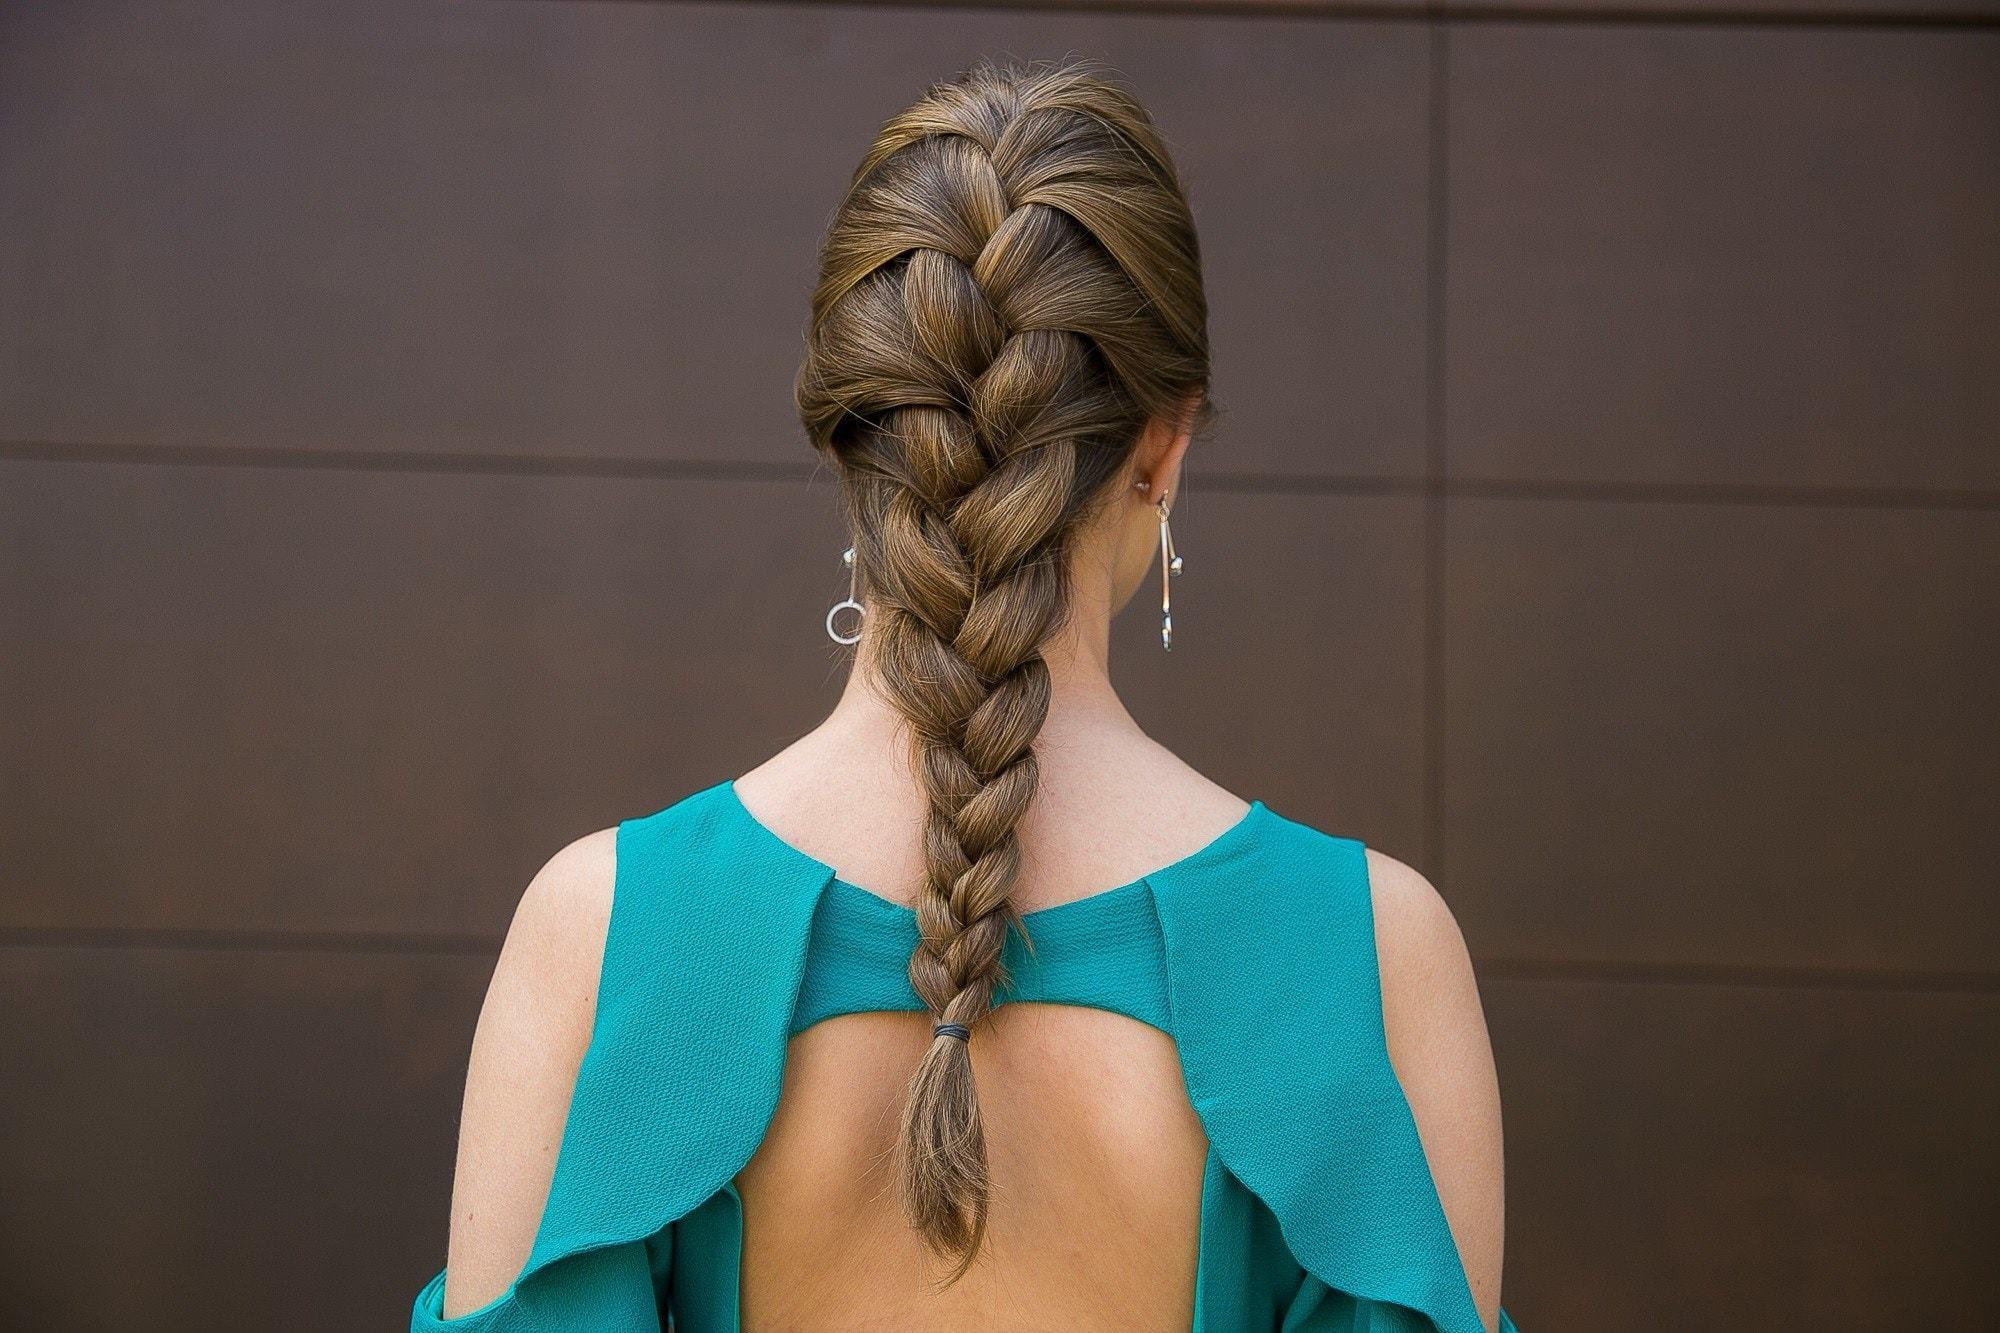 Penteado trança embutida simples